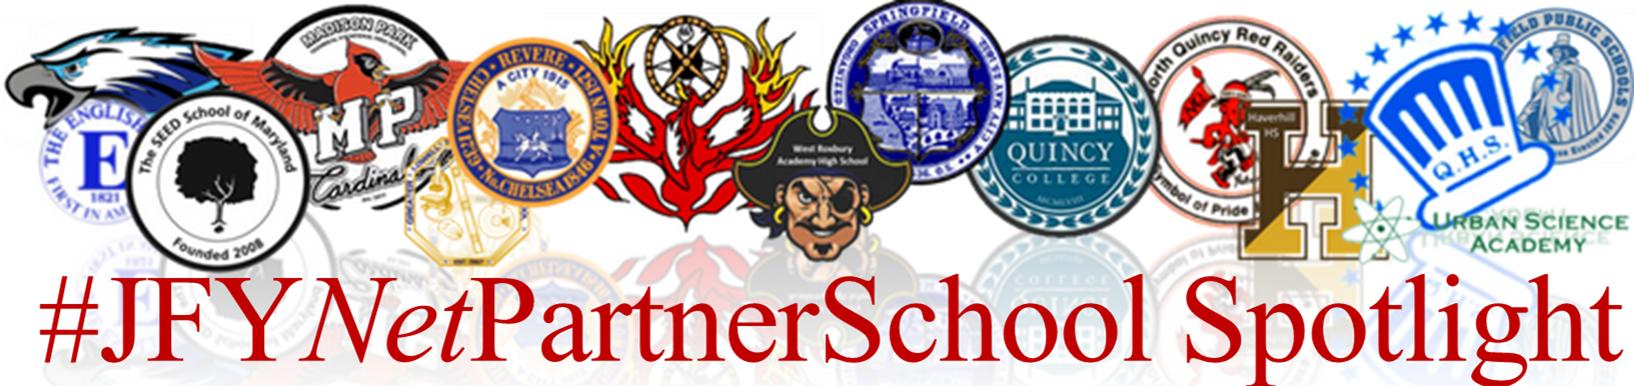 JFYNet Partner Schools